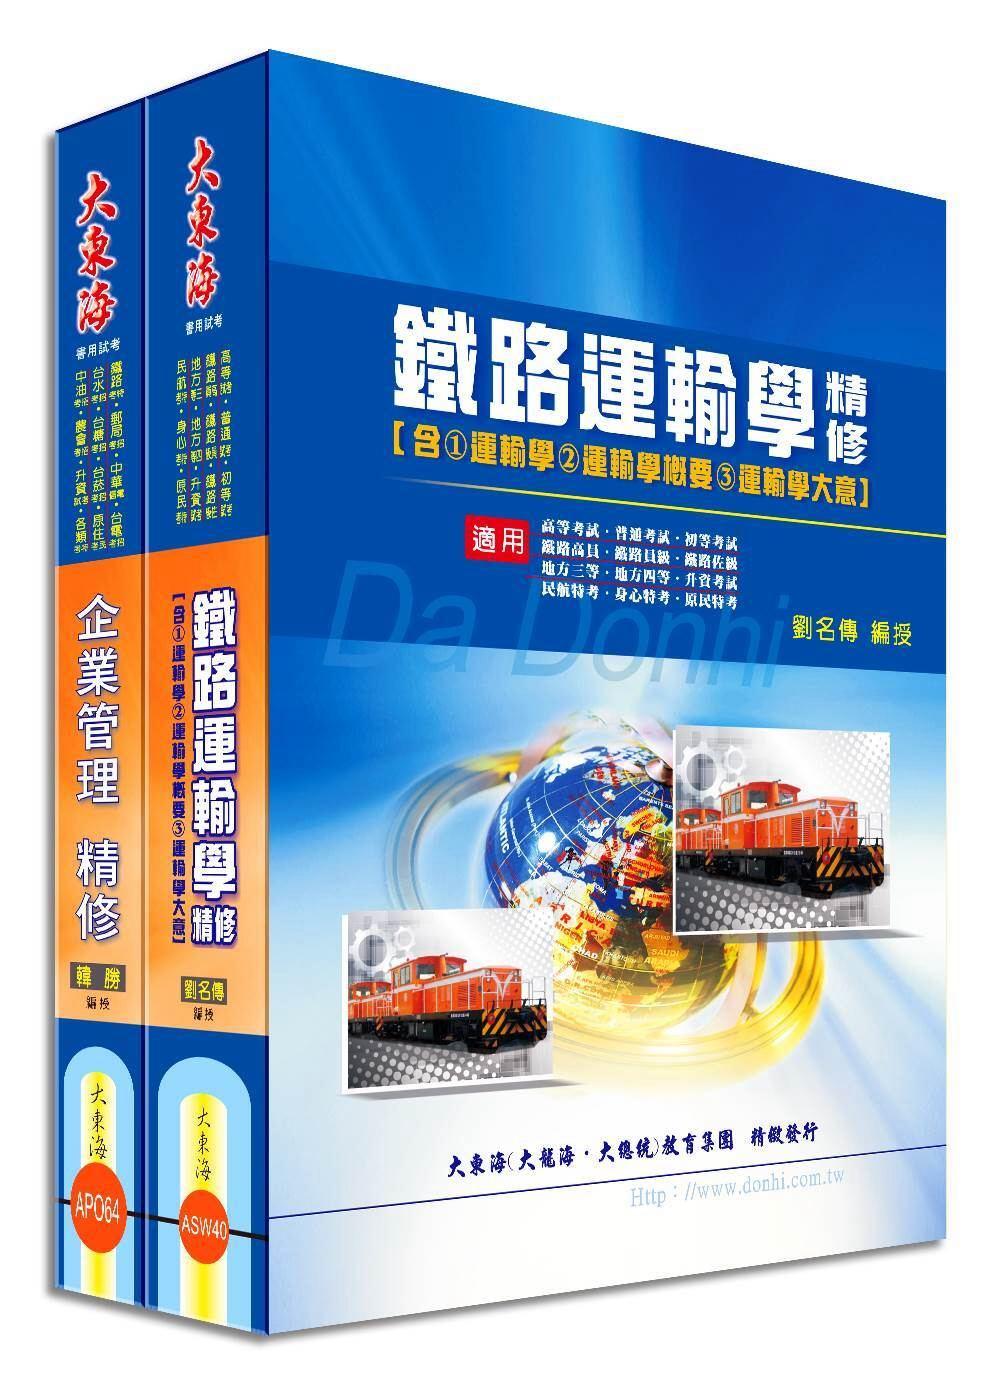 鐵路佐級(運輸營業)專業科目套書(增修版)